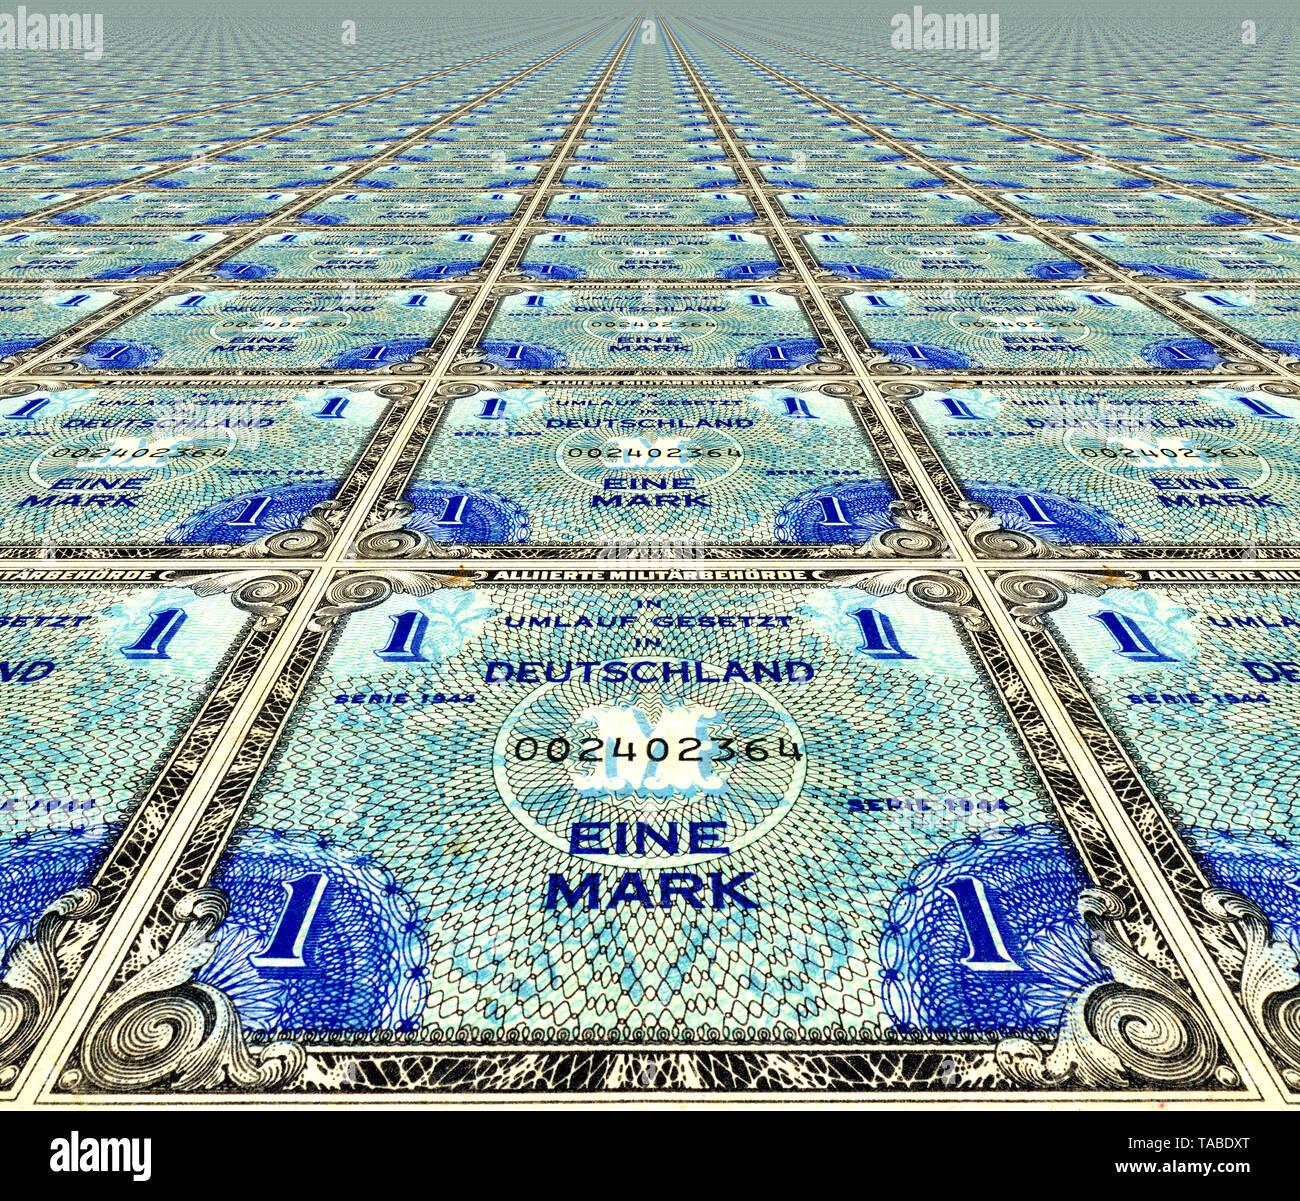 Vor einer Banknote, Alliierte Besetzung, Muster, Vorderseite einer Banknote, perspektivische Wiederholung, Alliierte Besatzung, 1 Mark, 1944, Deutschland, Europa Stockbild